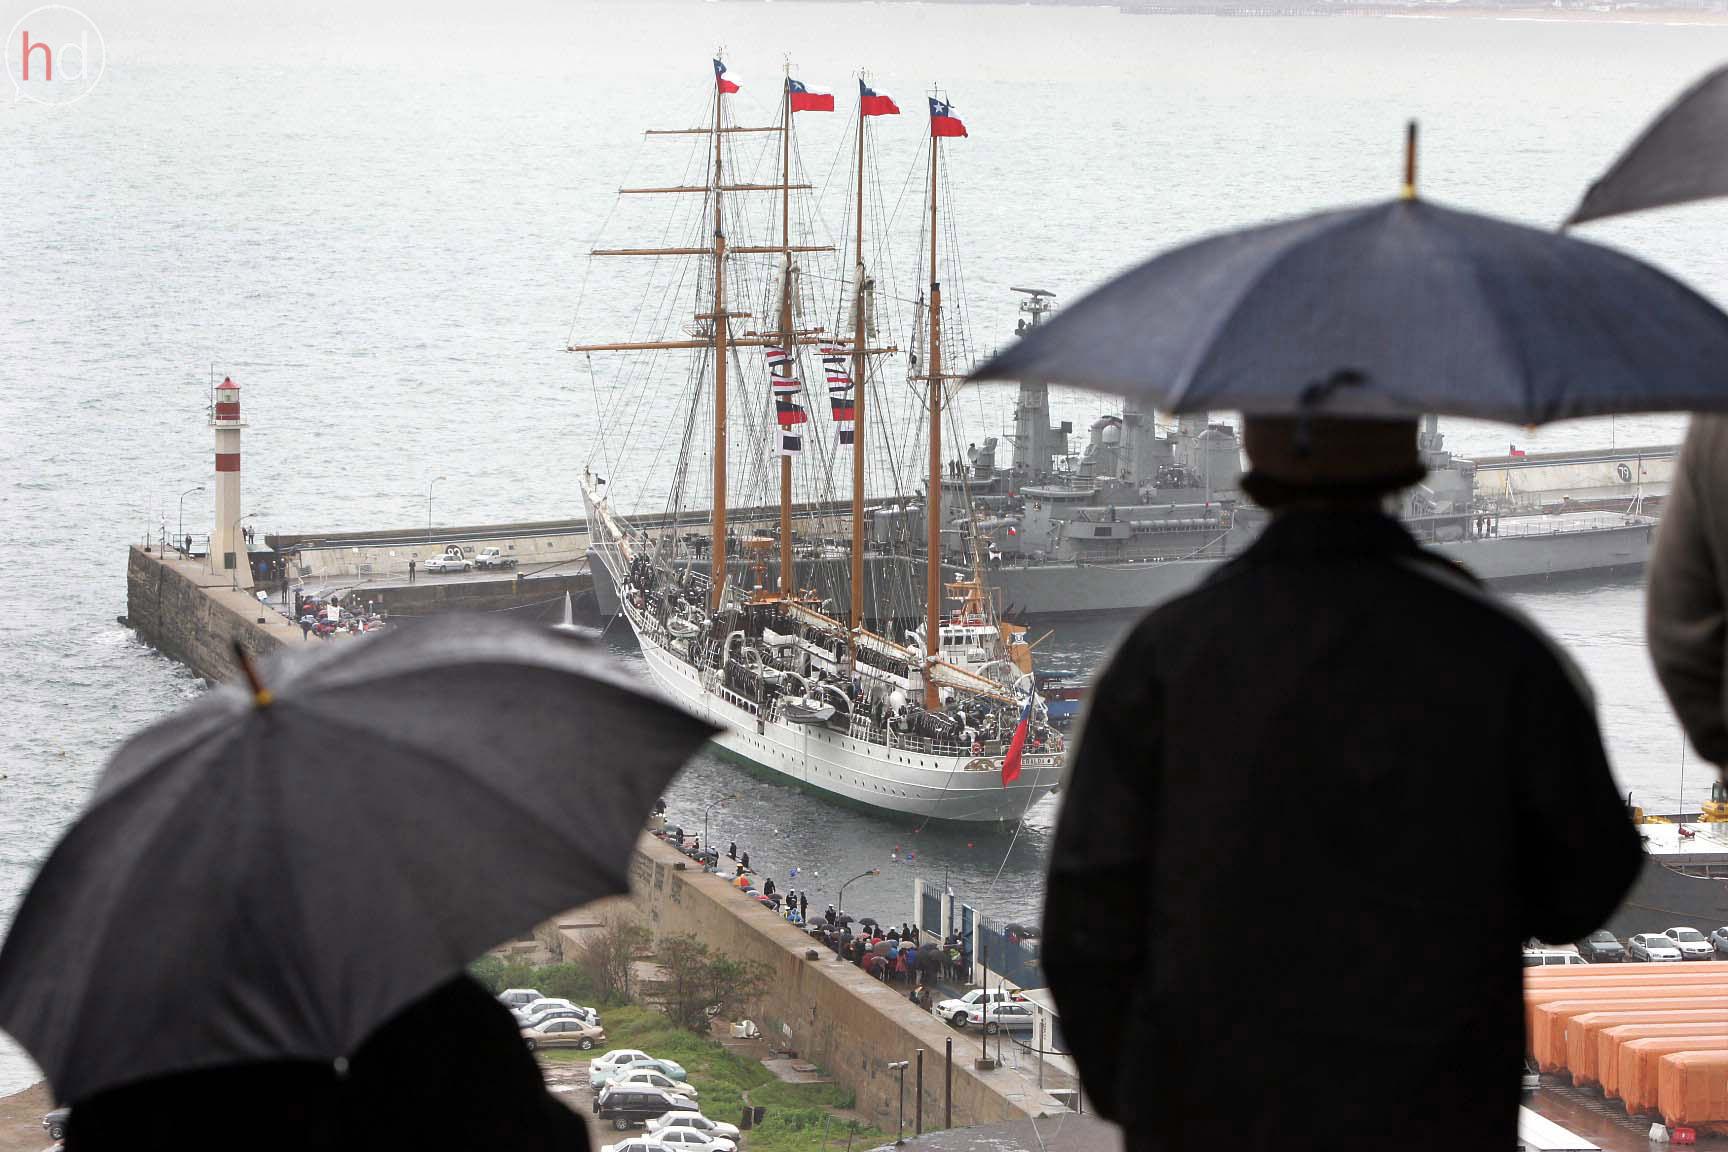 En Valparaíso comenzó el golpe. La gloriosa Esmeralda fue recinto de detención y tortura desde el primer momento.